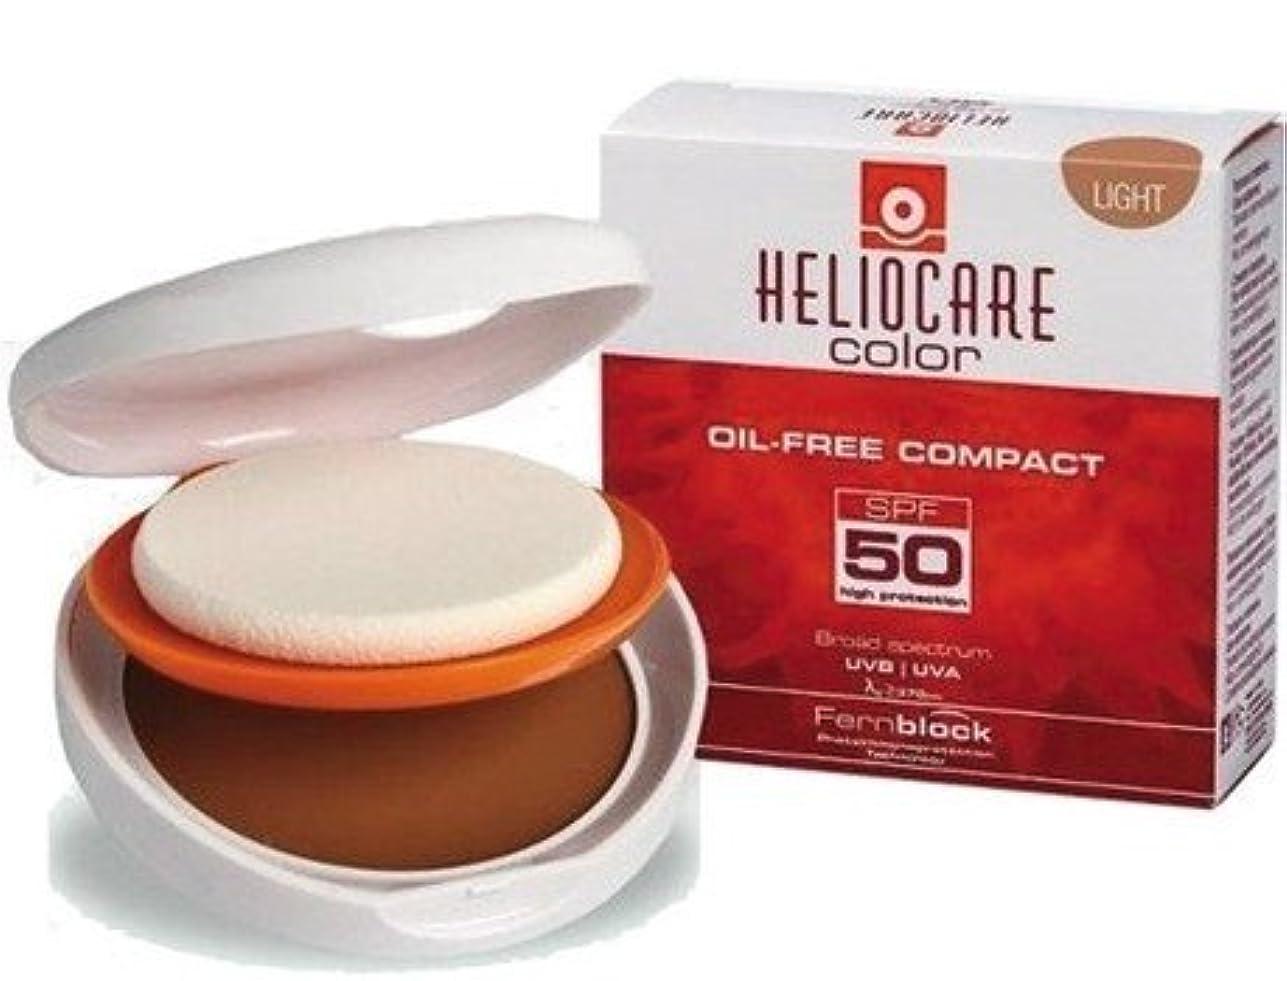 反応する頭痛ありがたいヘリオケア カラーオイル フリーコンパクト SPF50 ライト HELIOCARE COLOR OIL FREE COMPACT SPF50 LIGHT